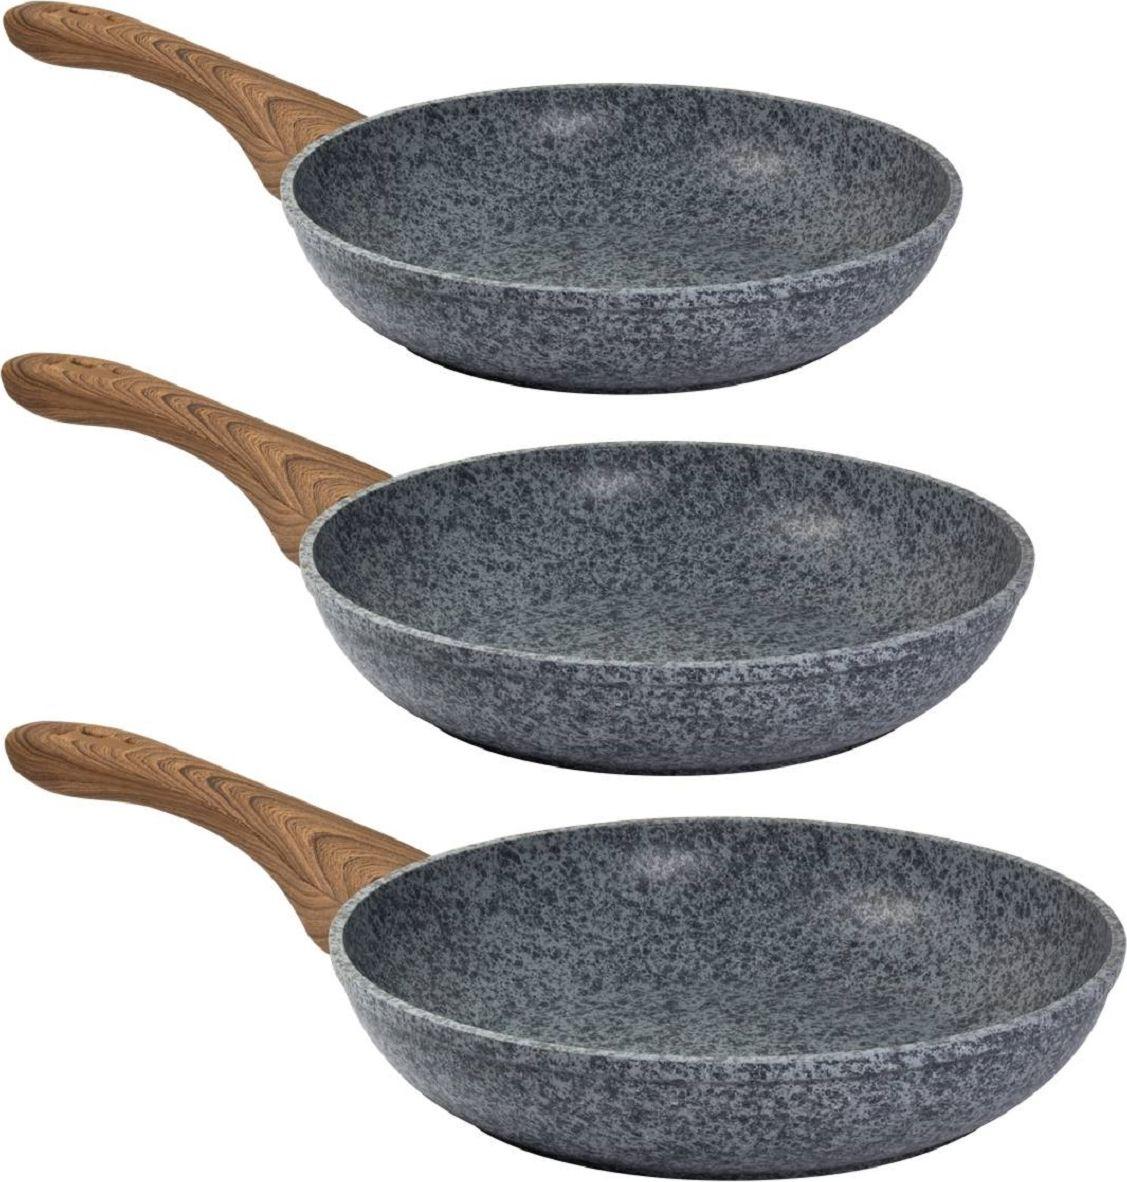 Набор сковород Cs-Kochsysteme Steinfurt, с гранитным покрытием, цвет: серый, 3 шт065348Сковорода серии STEINFURT изготовлена из кованого алюминия. Гранитное покрытие GranexPluse с мраморной отделкой устойчиво к царапинам и повреждениям. В комплект входит 3 сковороды диаметрами 20, 24 и 28 см. Сковороды серии STEINFURT прекрасно подходят для приготовления на газовых, электрических и индукционных плитах.